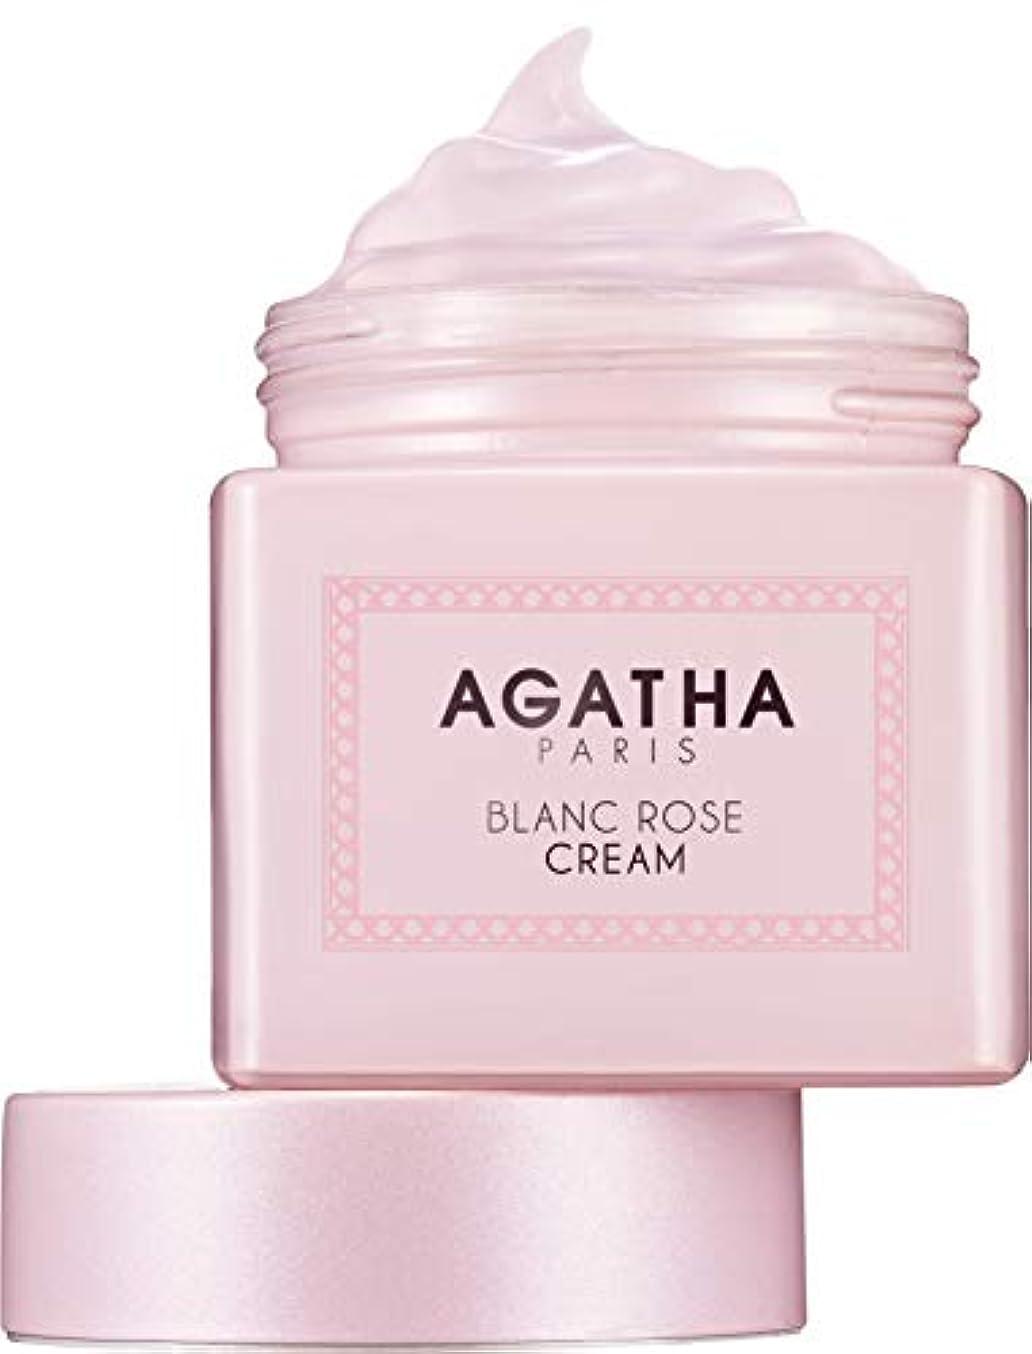 ガラガラ不条理ナサニエル区[アガタ]AGATHA ブランローズクリーム(BLANC ROSE CREAM) [並行輸入品]